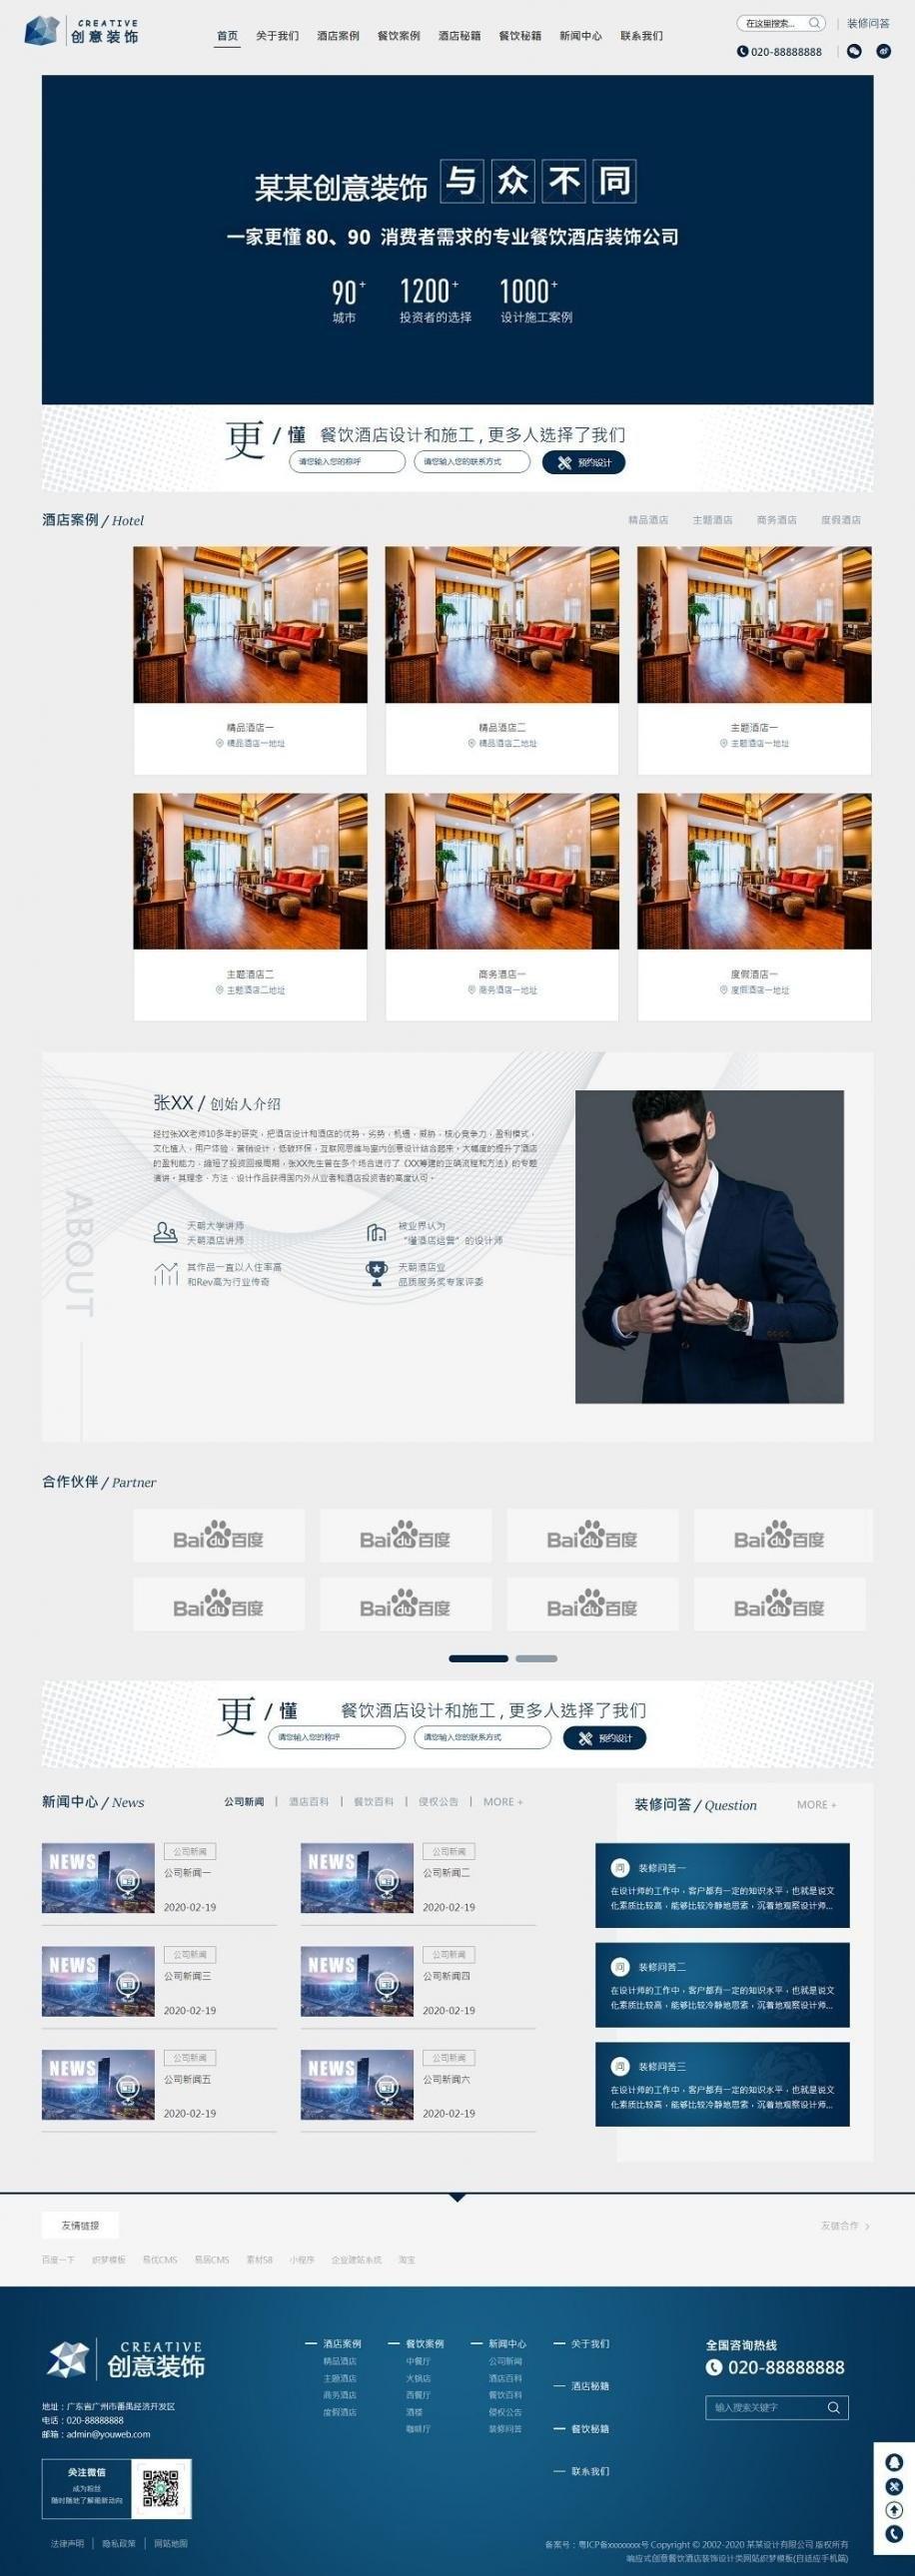 【织梦品牌设计模板】响应式创意餐饮酒店垂直领域装饰设计行业装饰设计类DEDECMS网站源码自适应手机